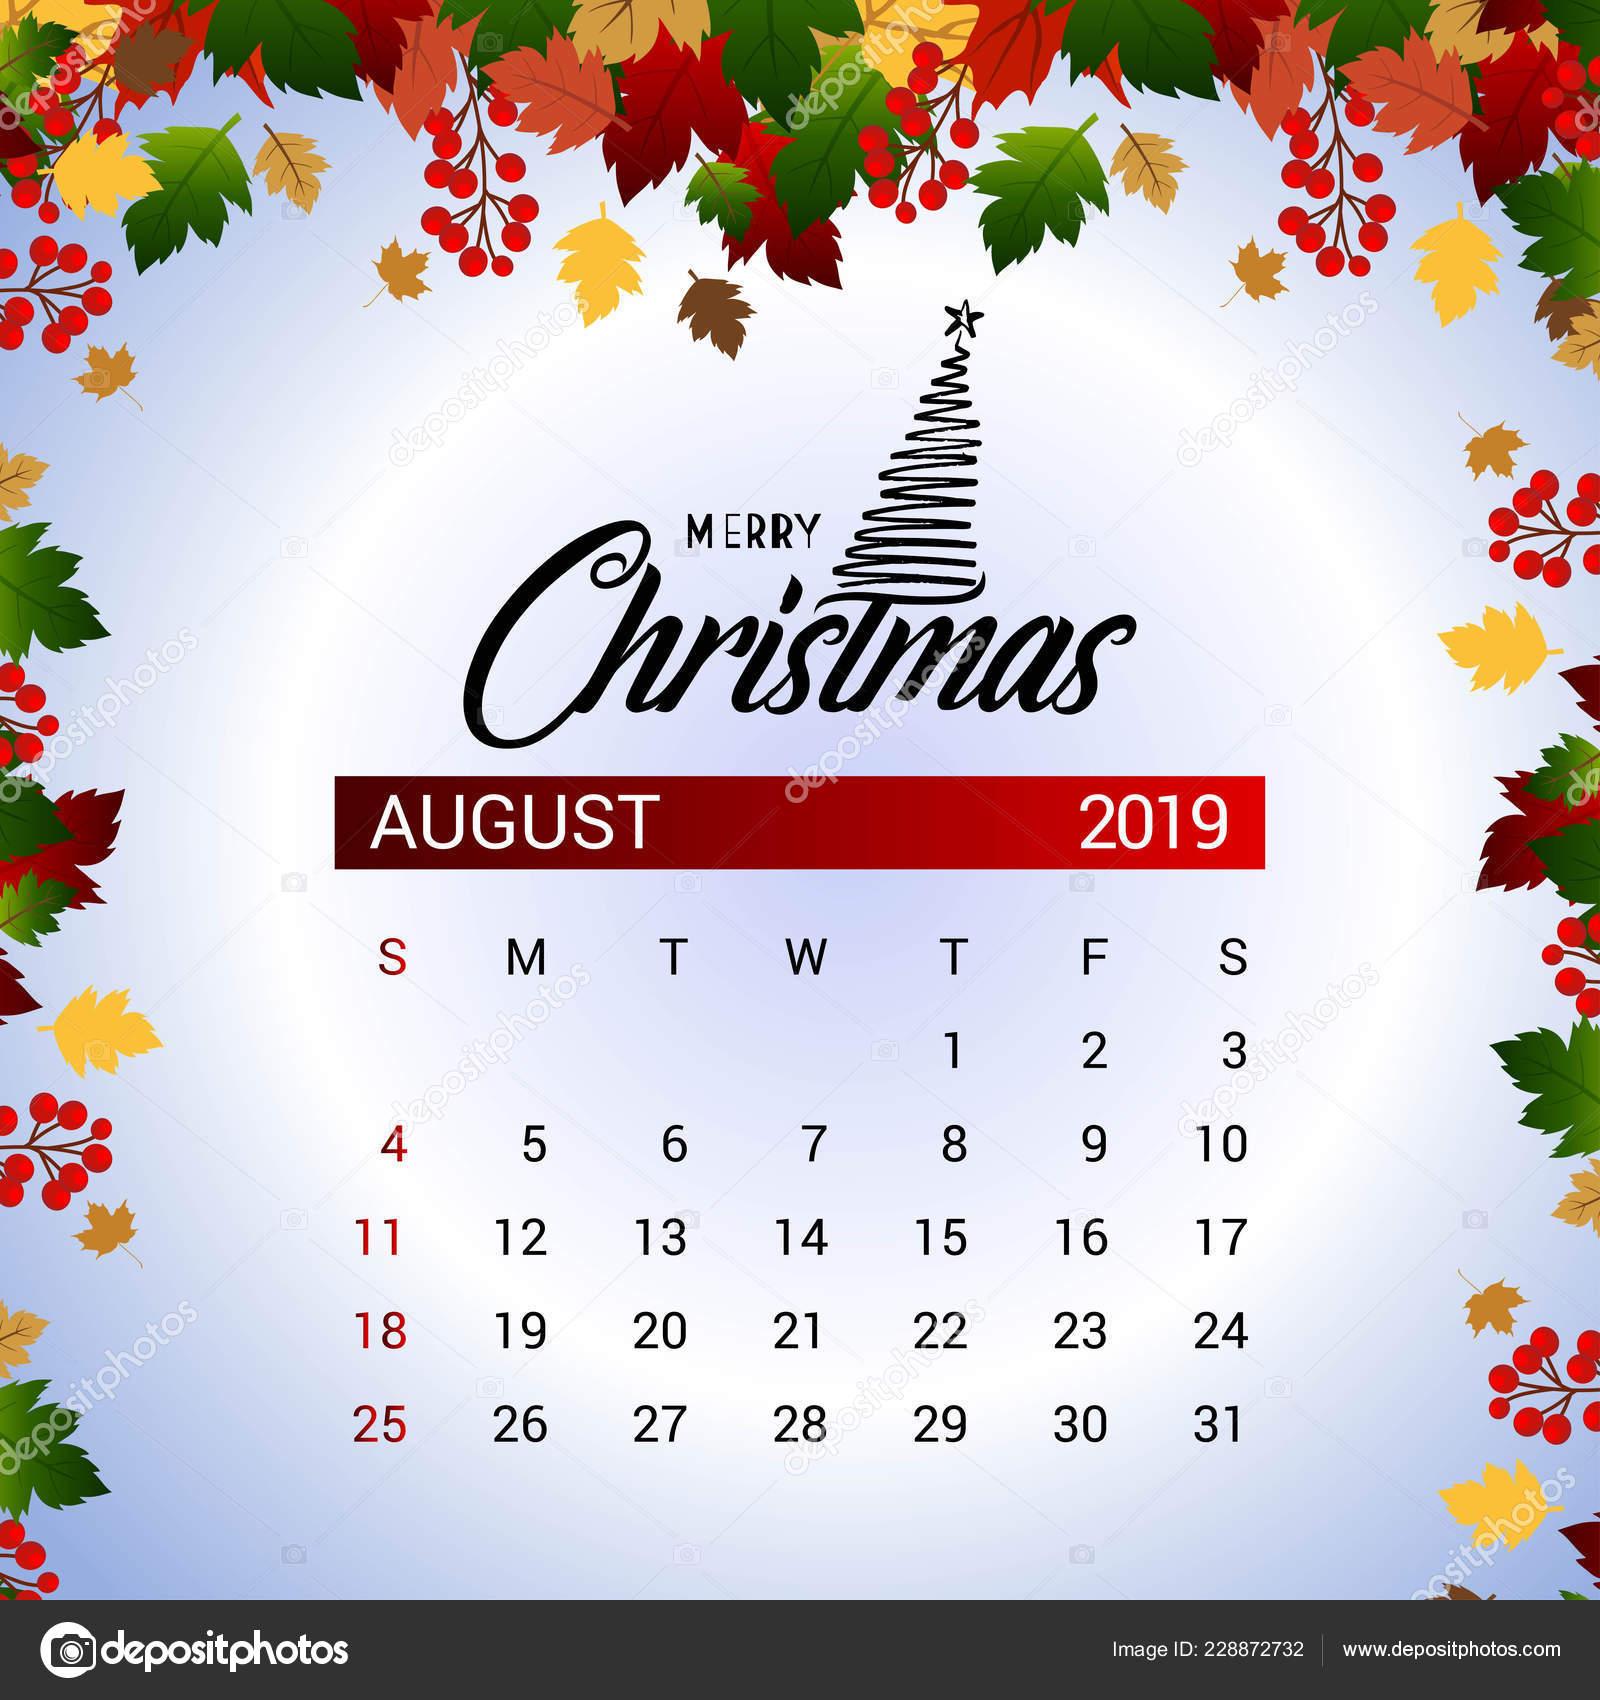 Calendario De Agosto 2019 Decorado.Plantilla Diseno Decoracion Navidad Ano Nuevo Del Calendario